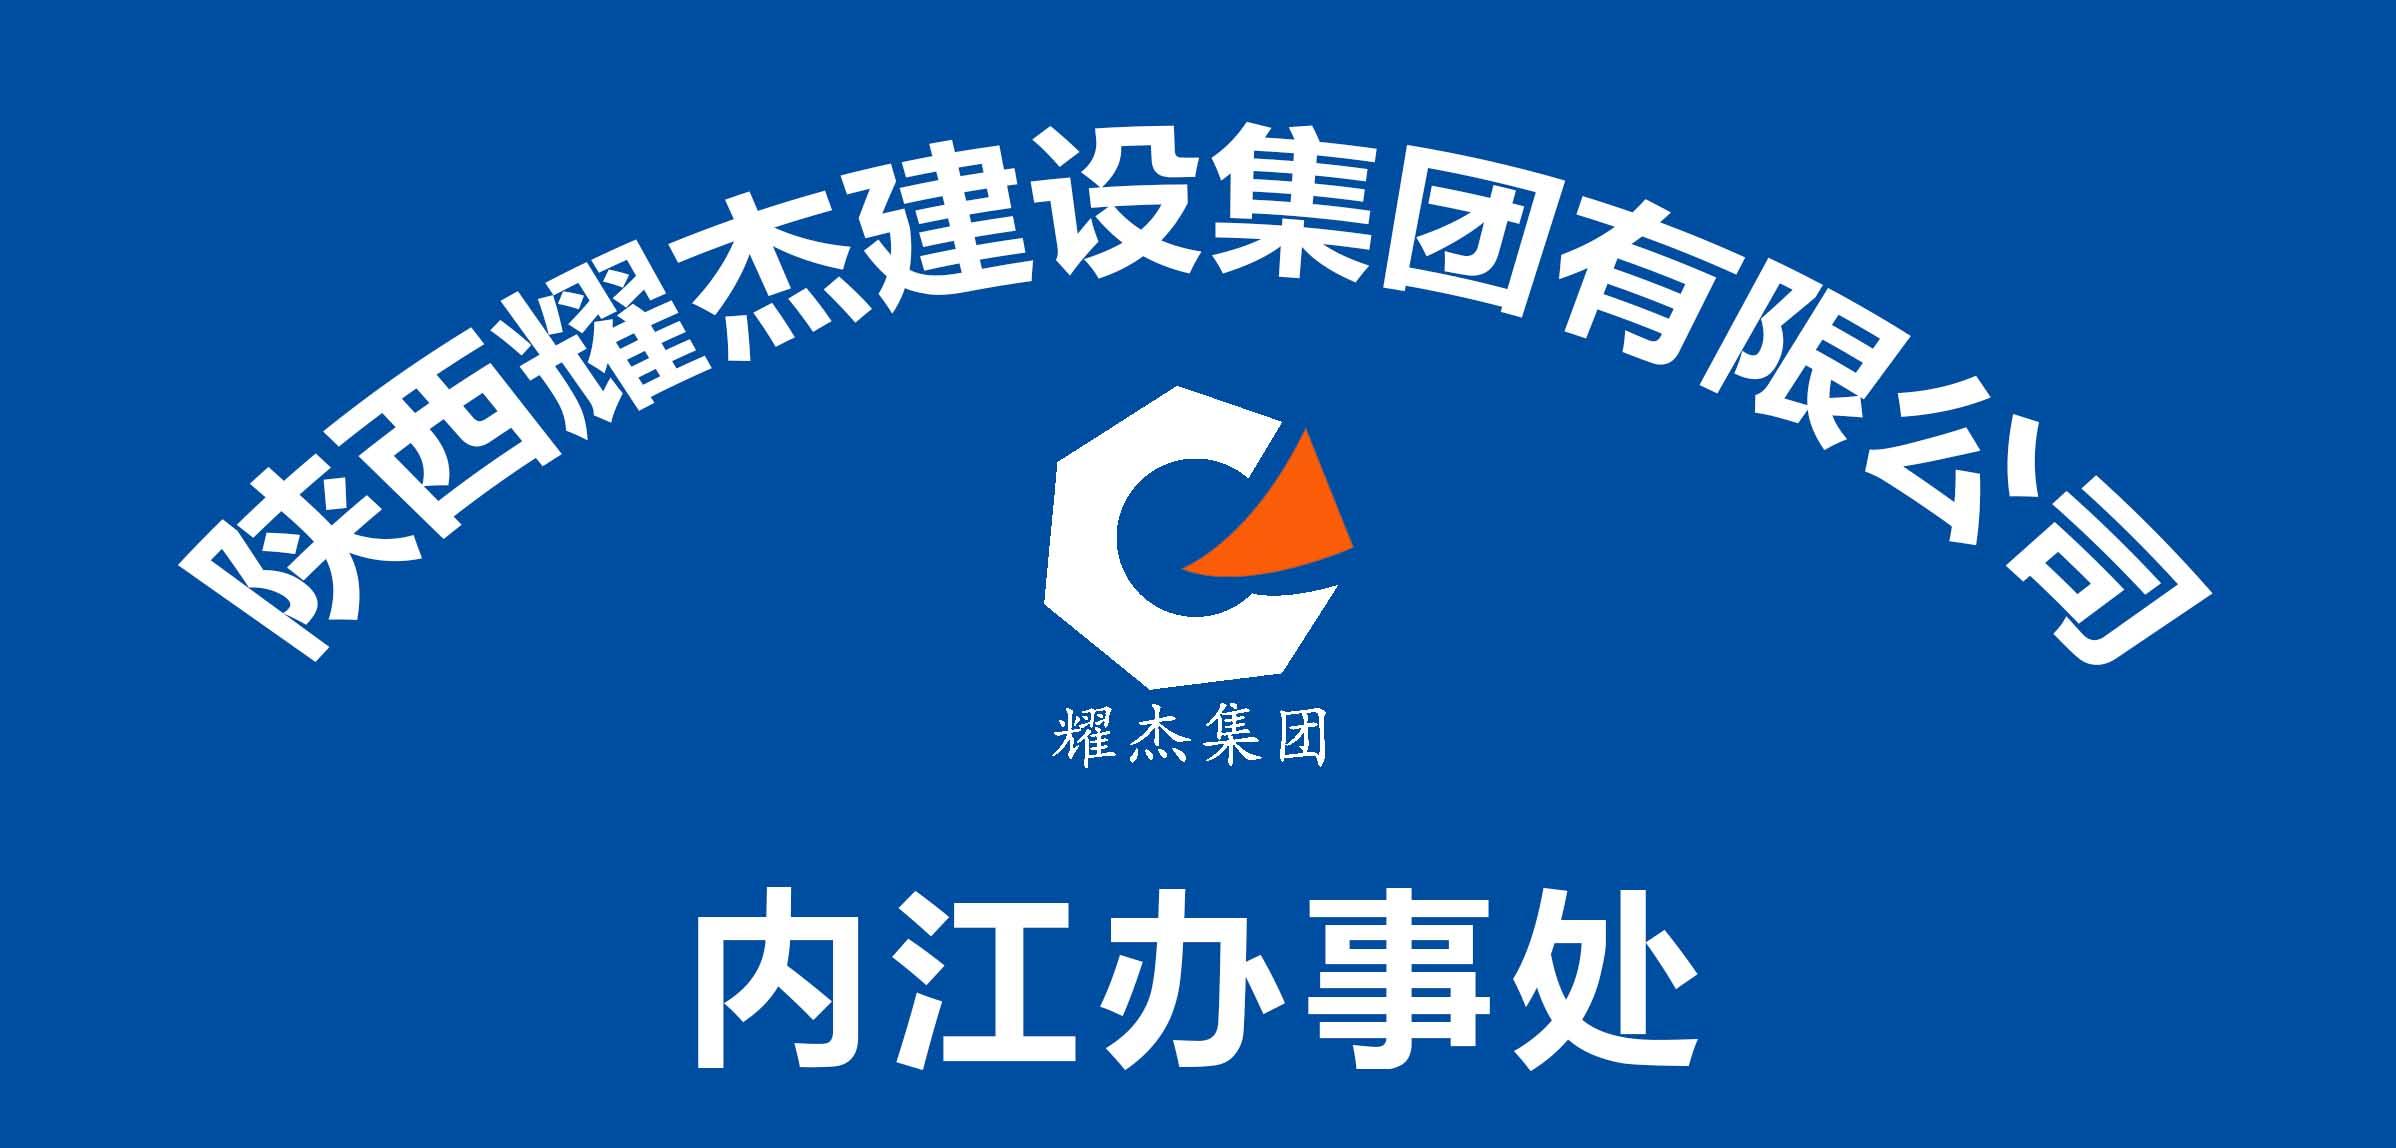 耀杰集团四川内江办事处开业大吉